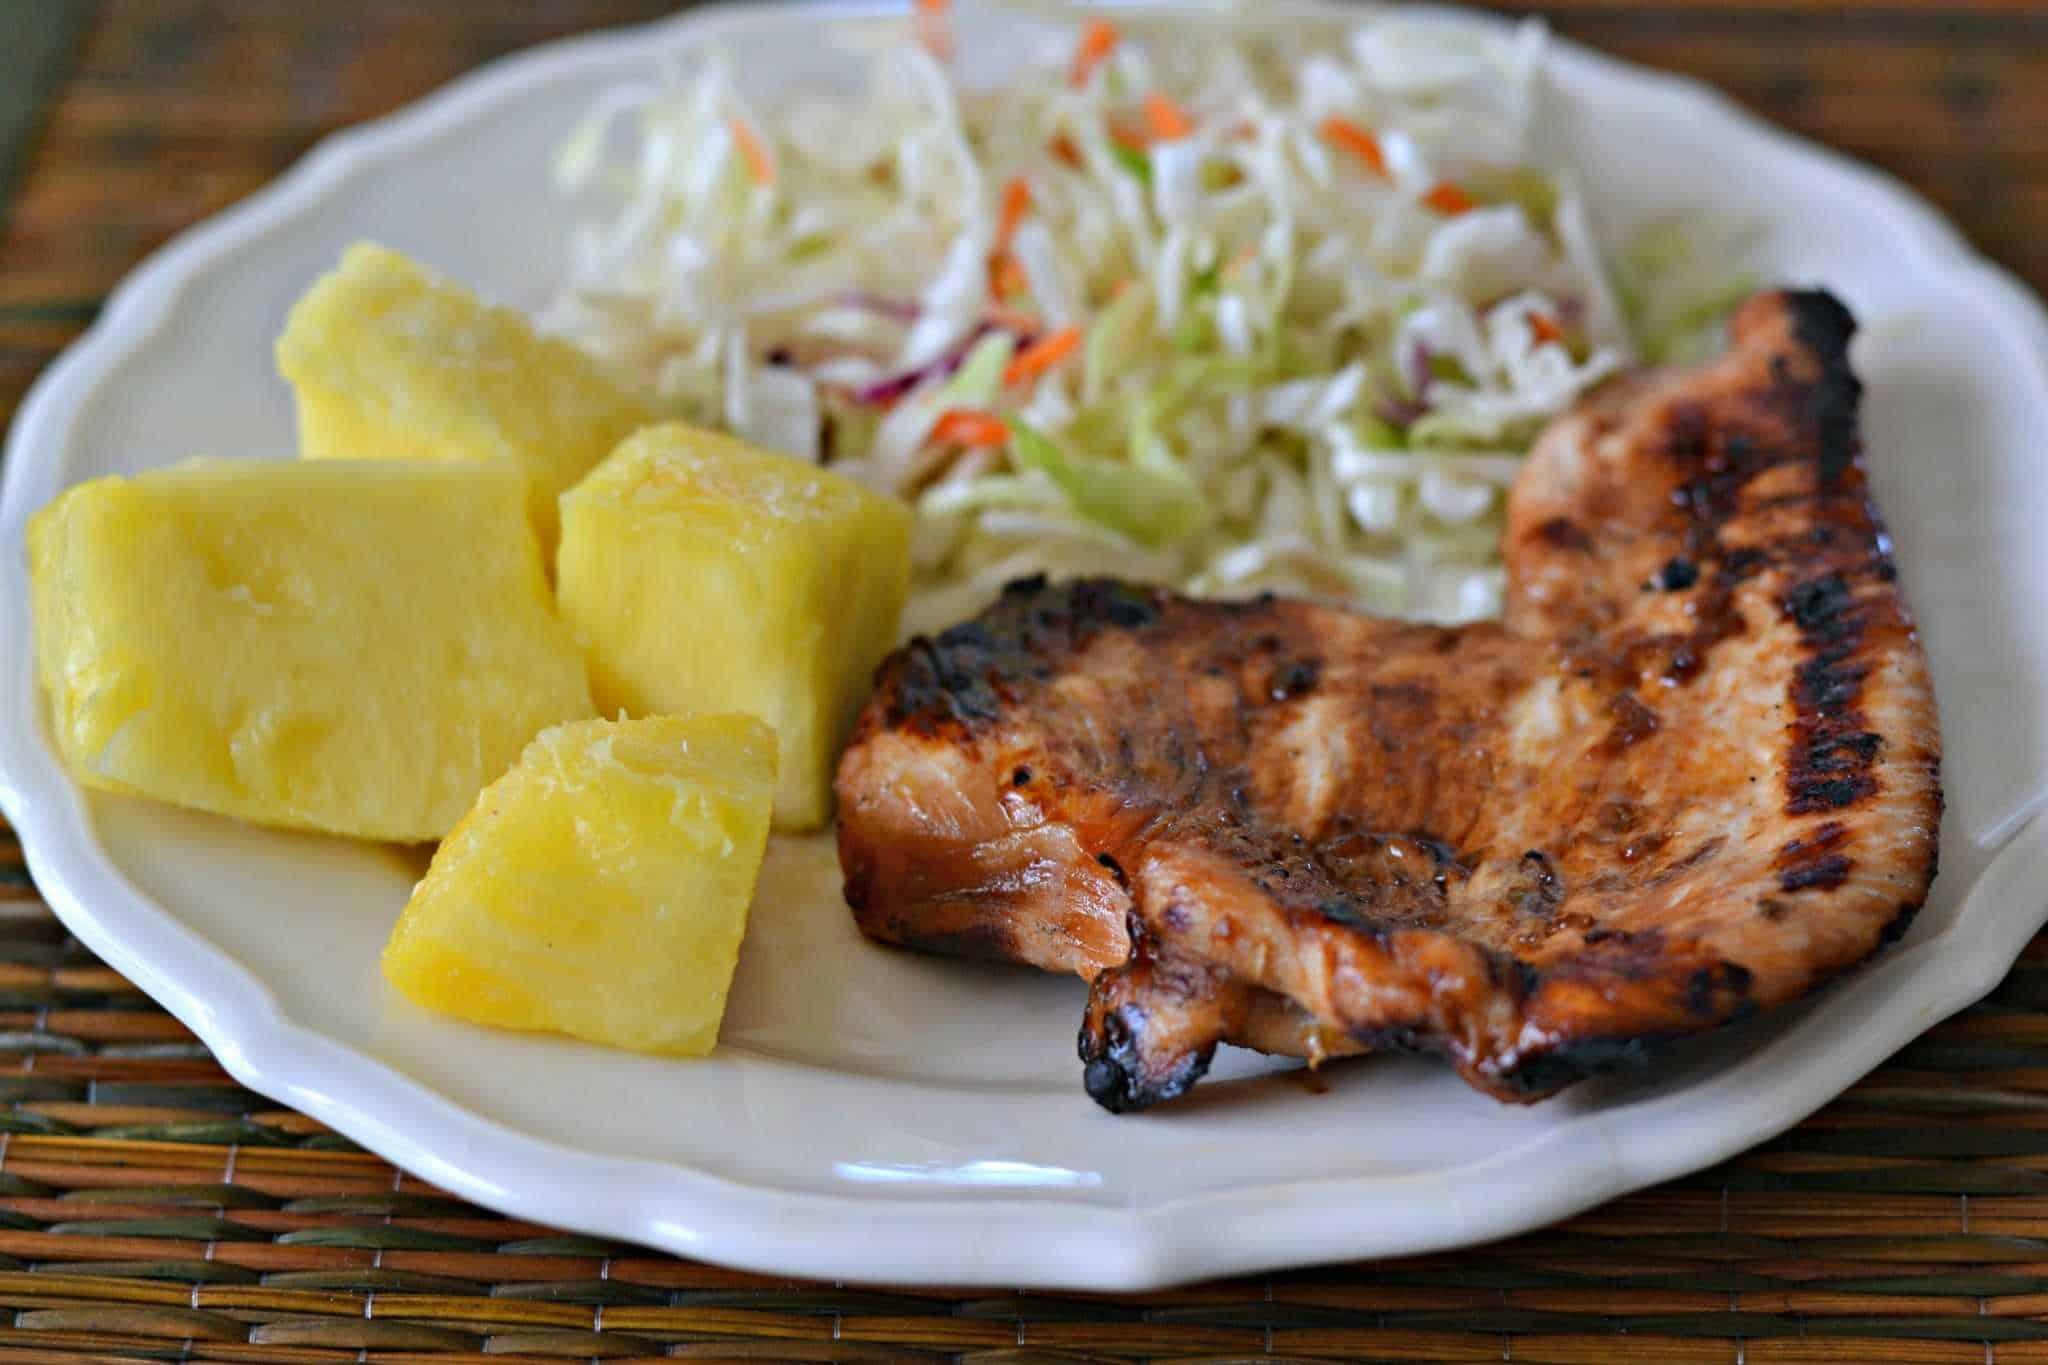 Teriyaki Turkey on a plate